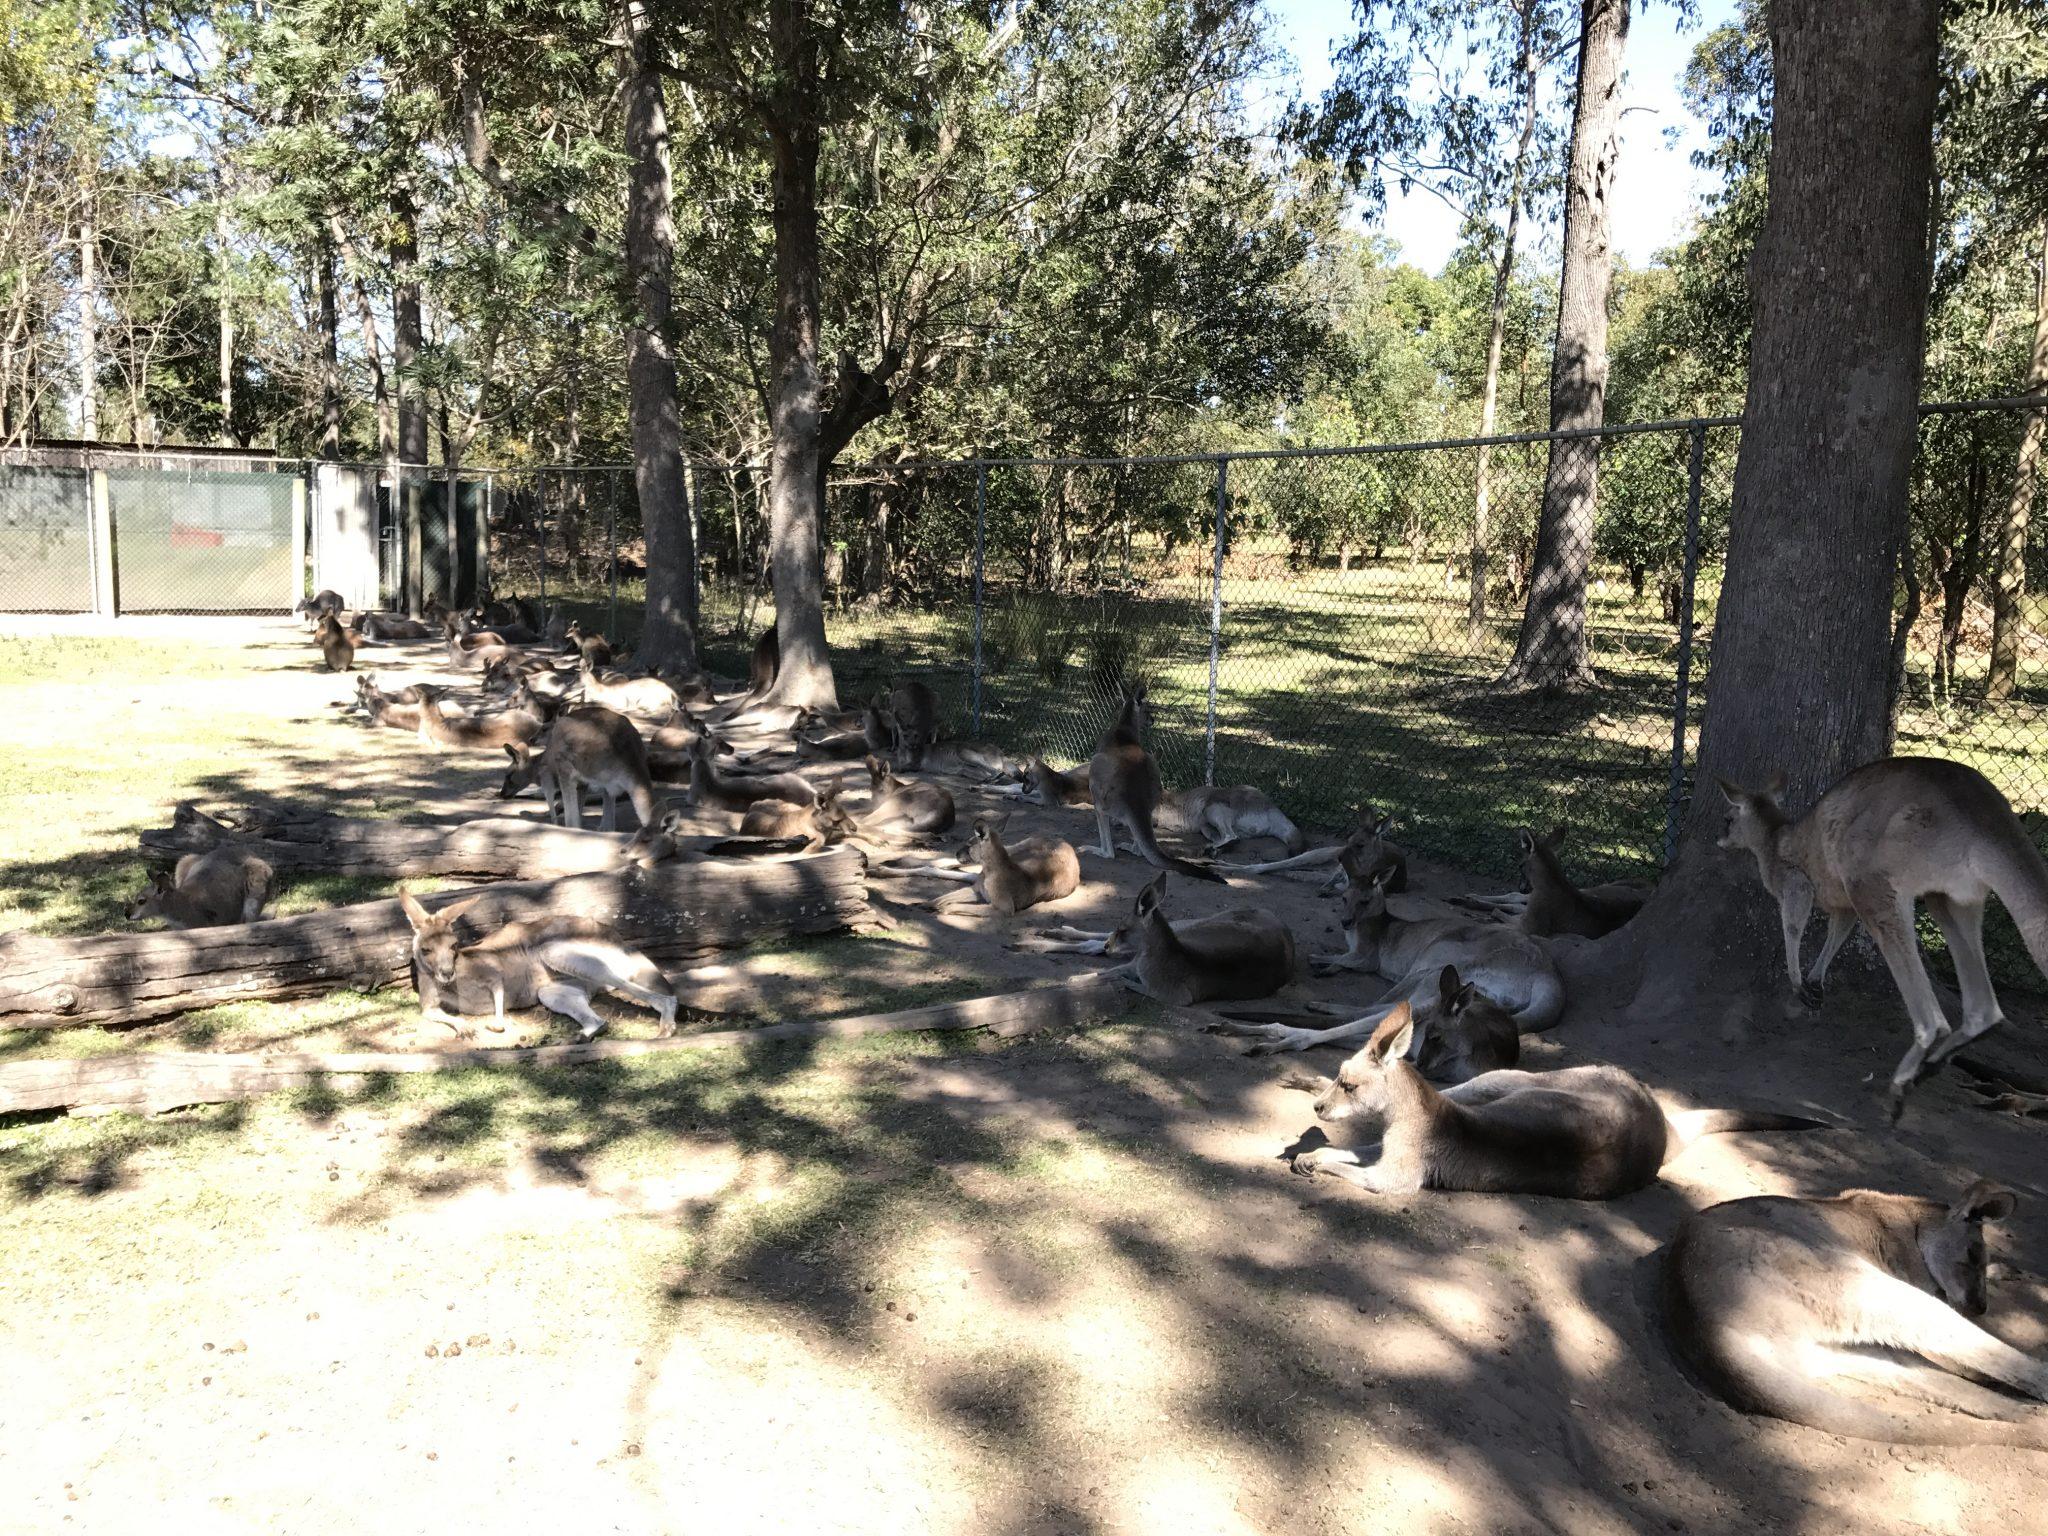 澳洲布里斯班旅游攻略龙柏考拉动物园 Lone Pine Koala Sanctuary